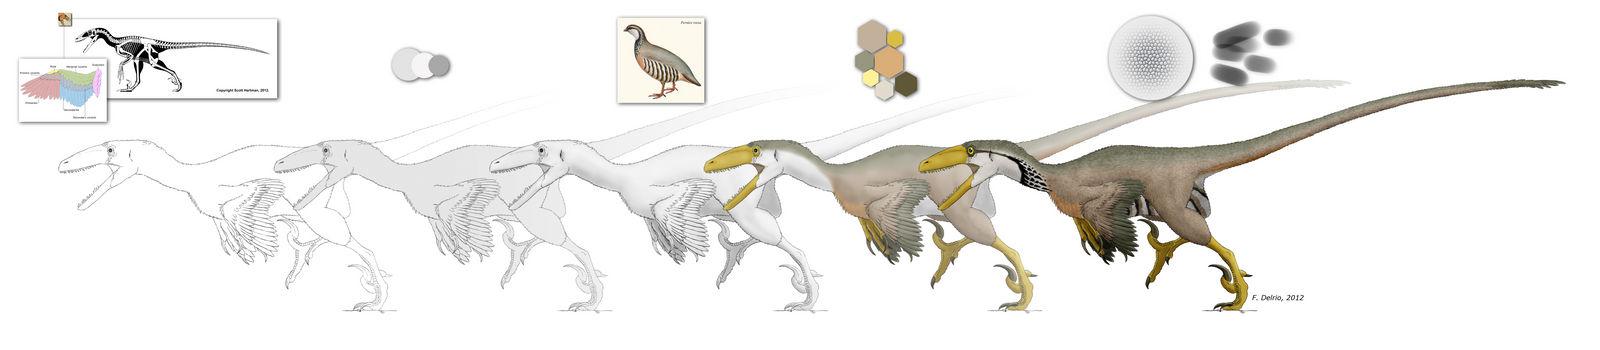 Deinonychus WIP